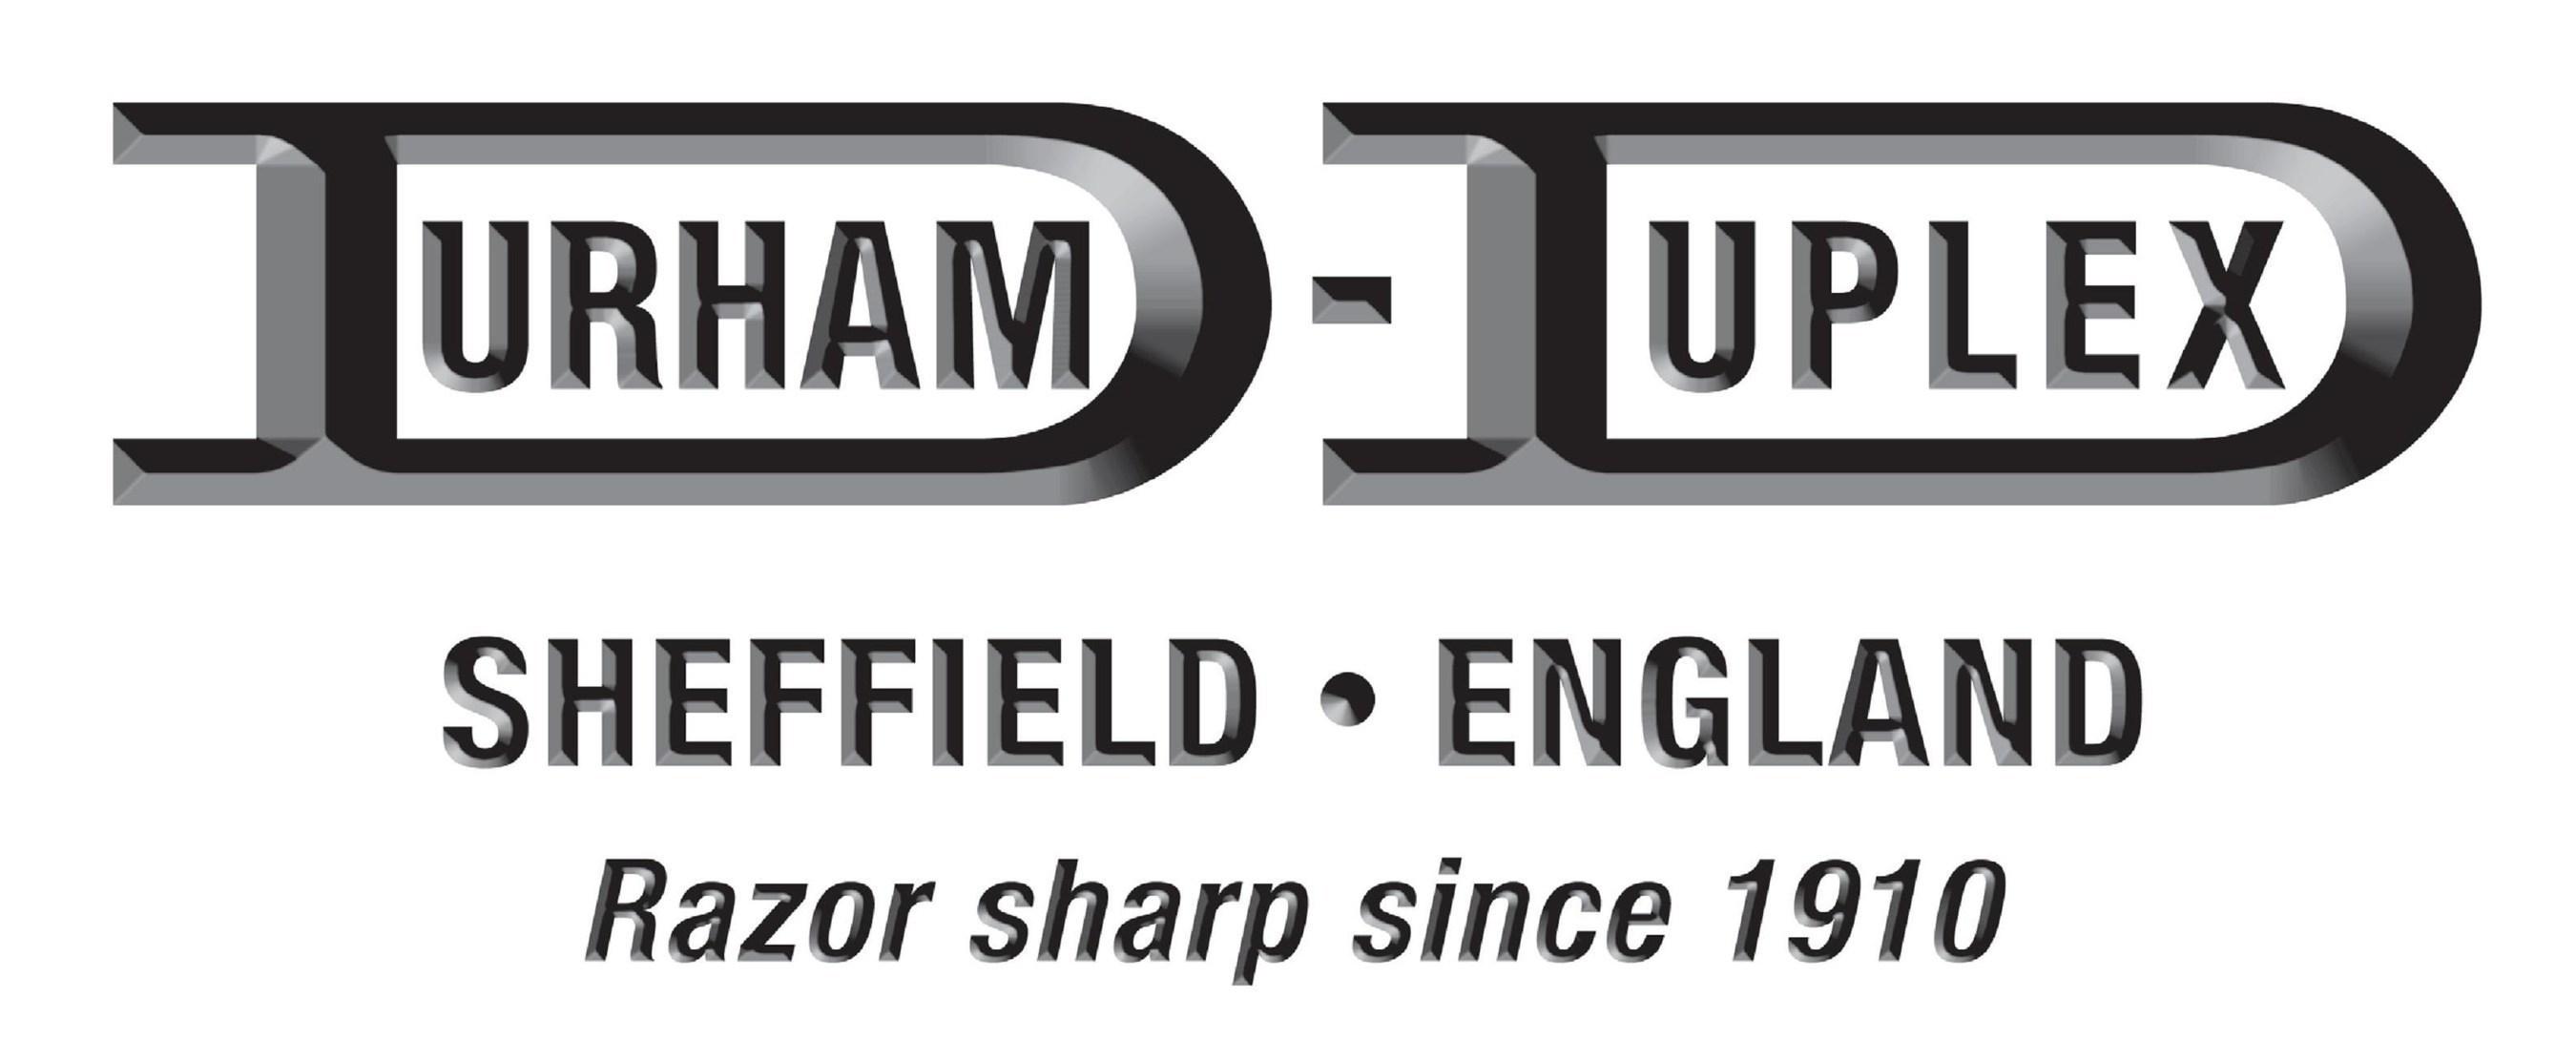 AccuTec Blades nombra a Durham-Duplex distribuidor en Reino Unido y Europa de productos Personna,